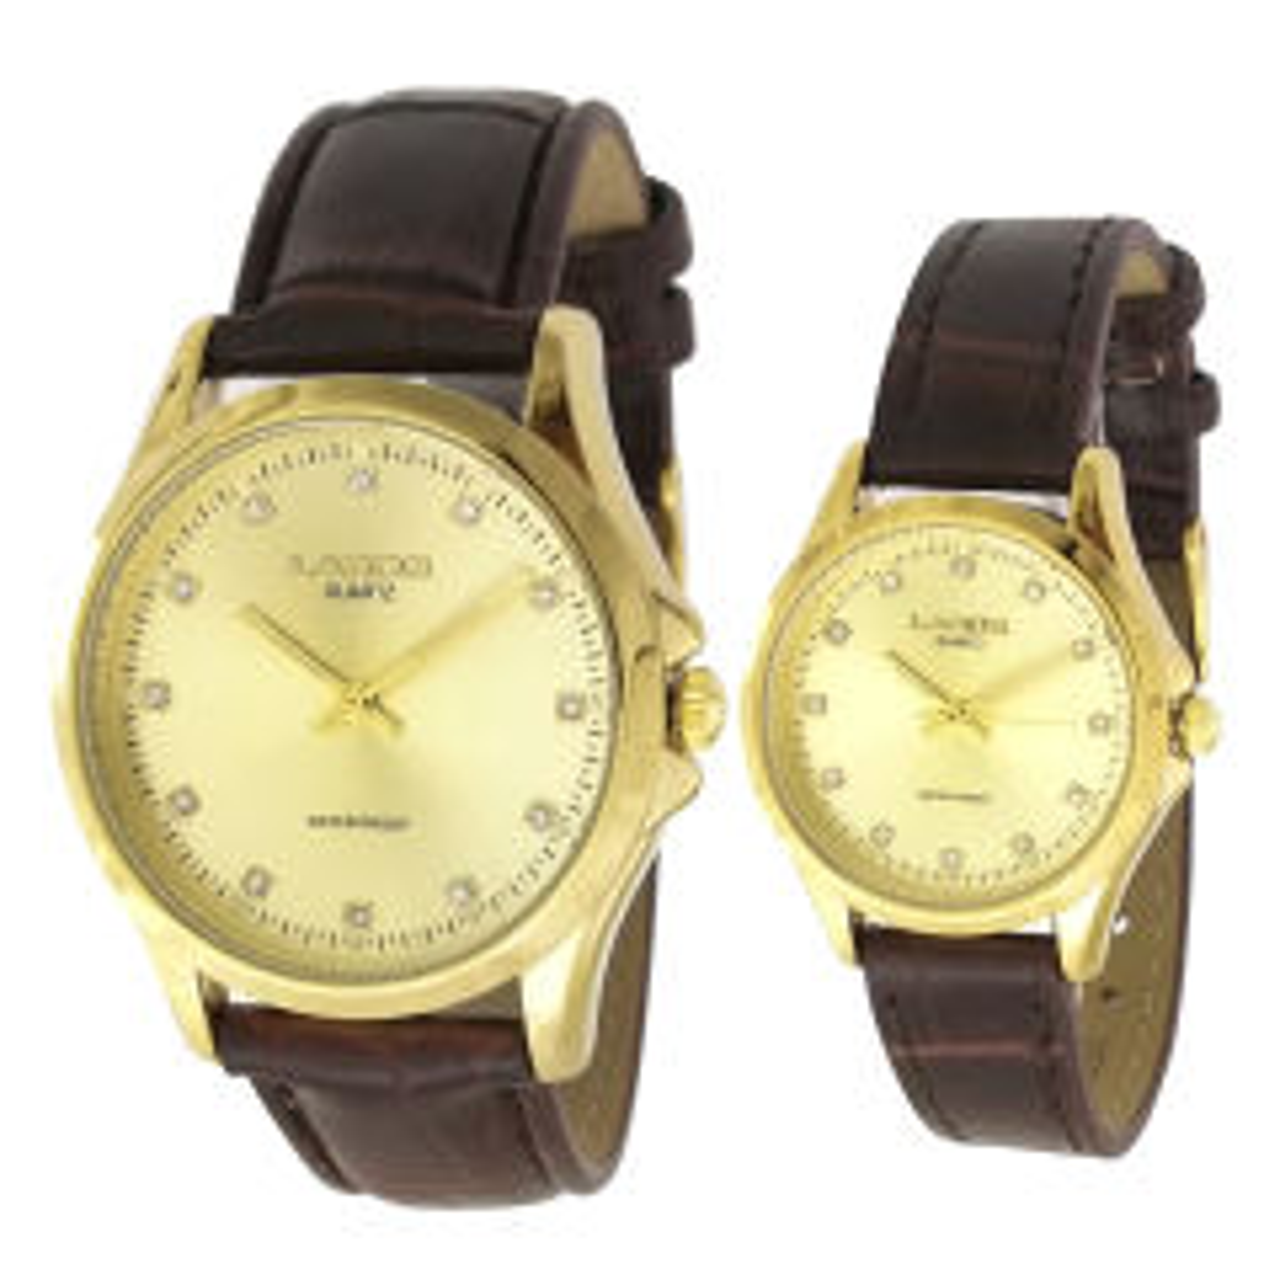 ست ساعت مچی عقربه ای زنانه مردانه لاروس مدل 0118-80227-s  به همراه دستمال مخصوص برند کلین واچ 19